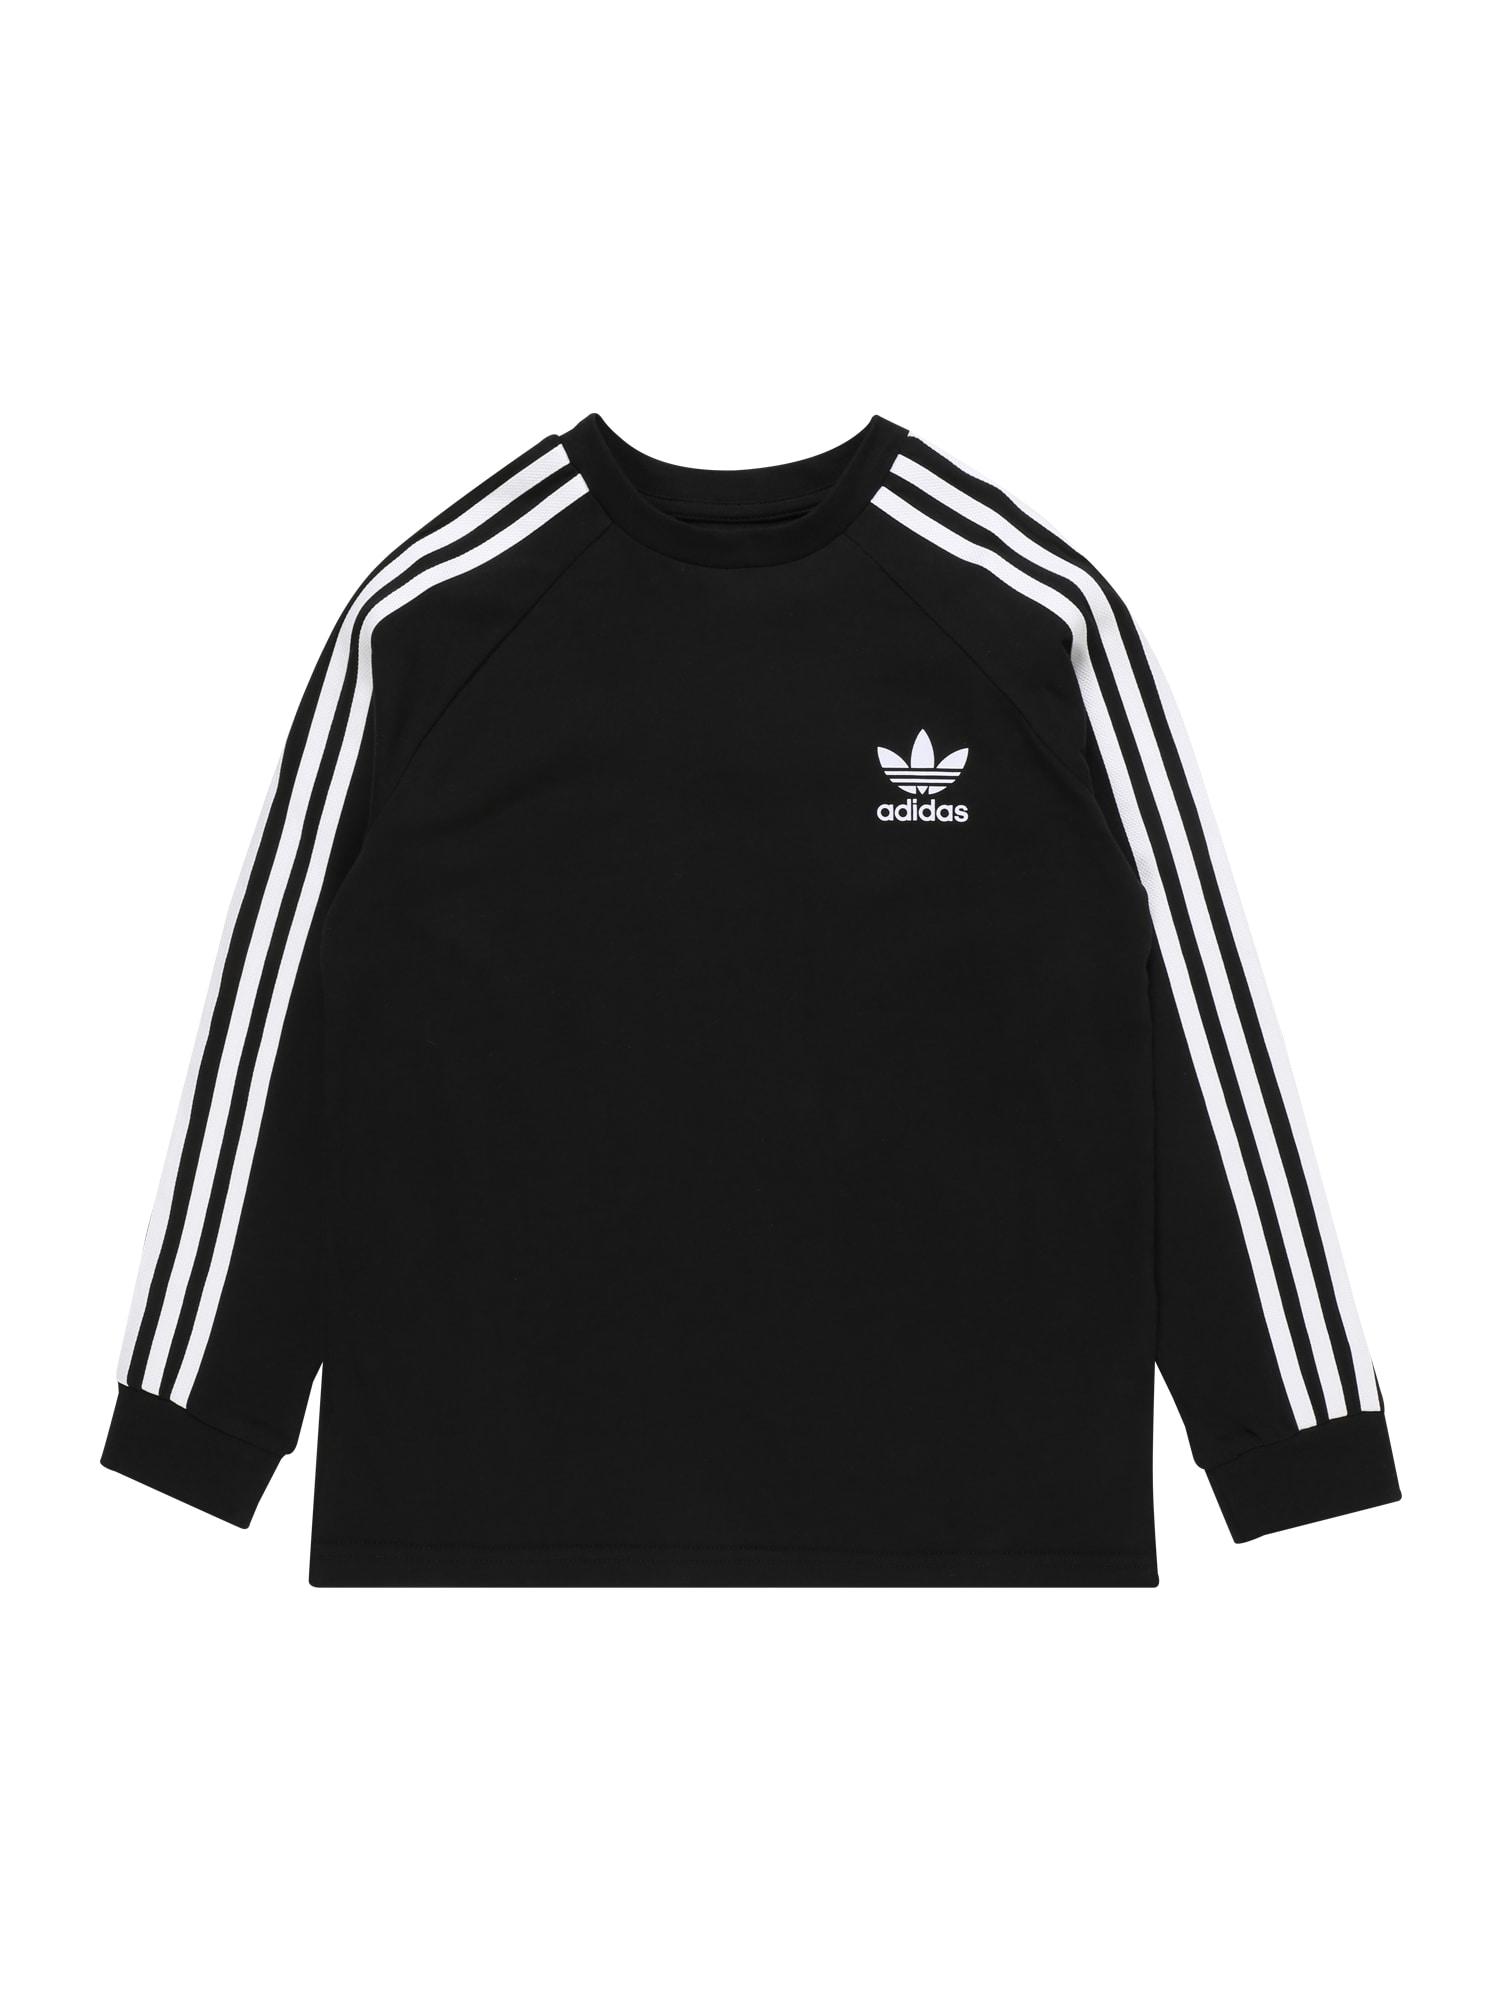 ADIDAS ORIGINALS Tričko '3 Stripes'  biela / čierna